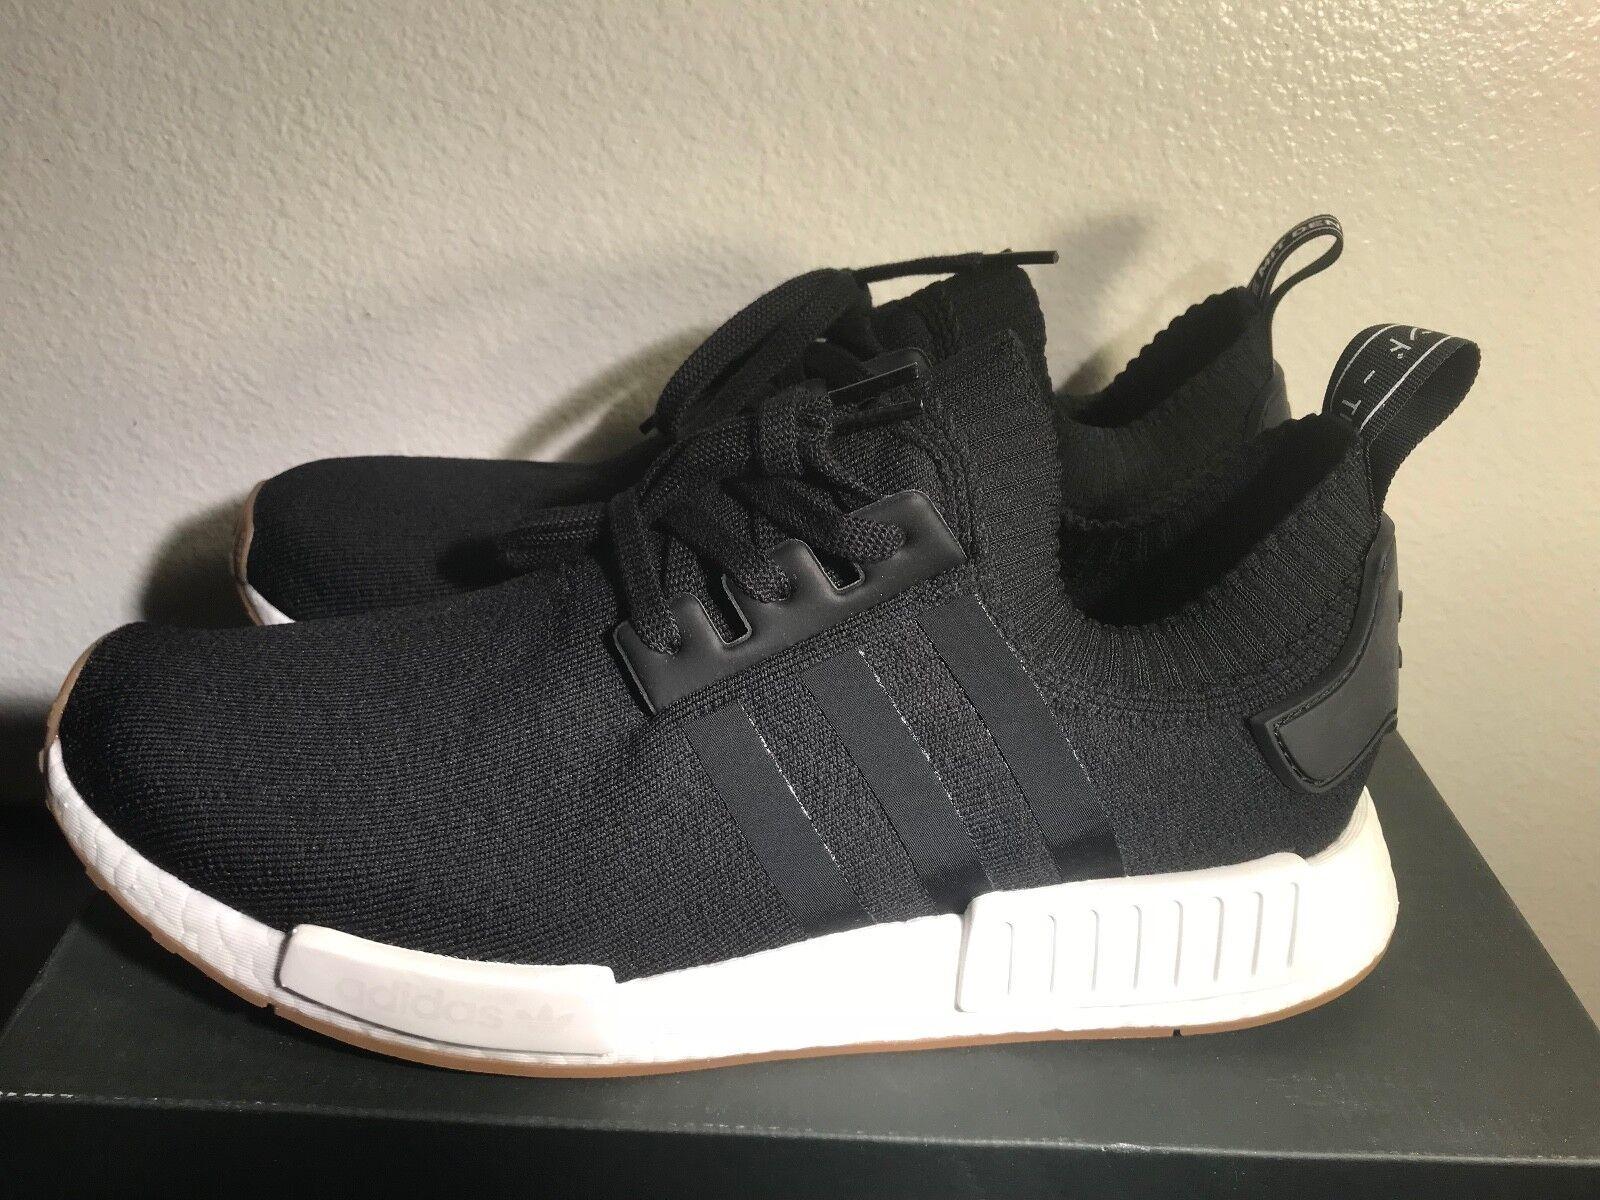 Adidas Orignals NMD_R1 PK BY1887 Men Size 13 Black Gum Primeknit DS Authentic